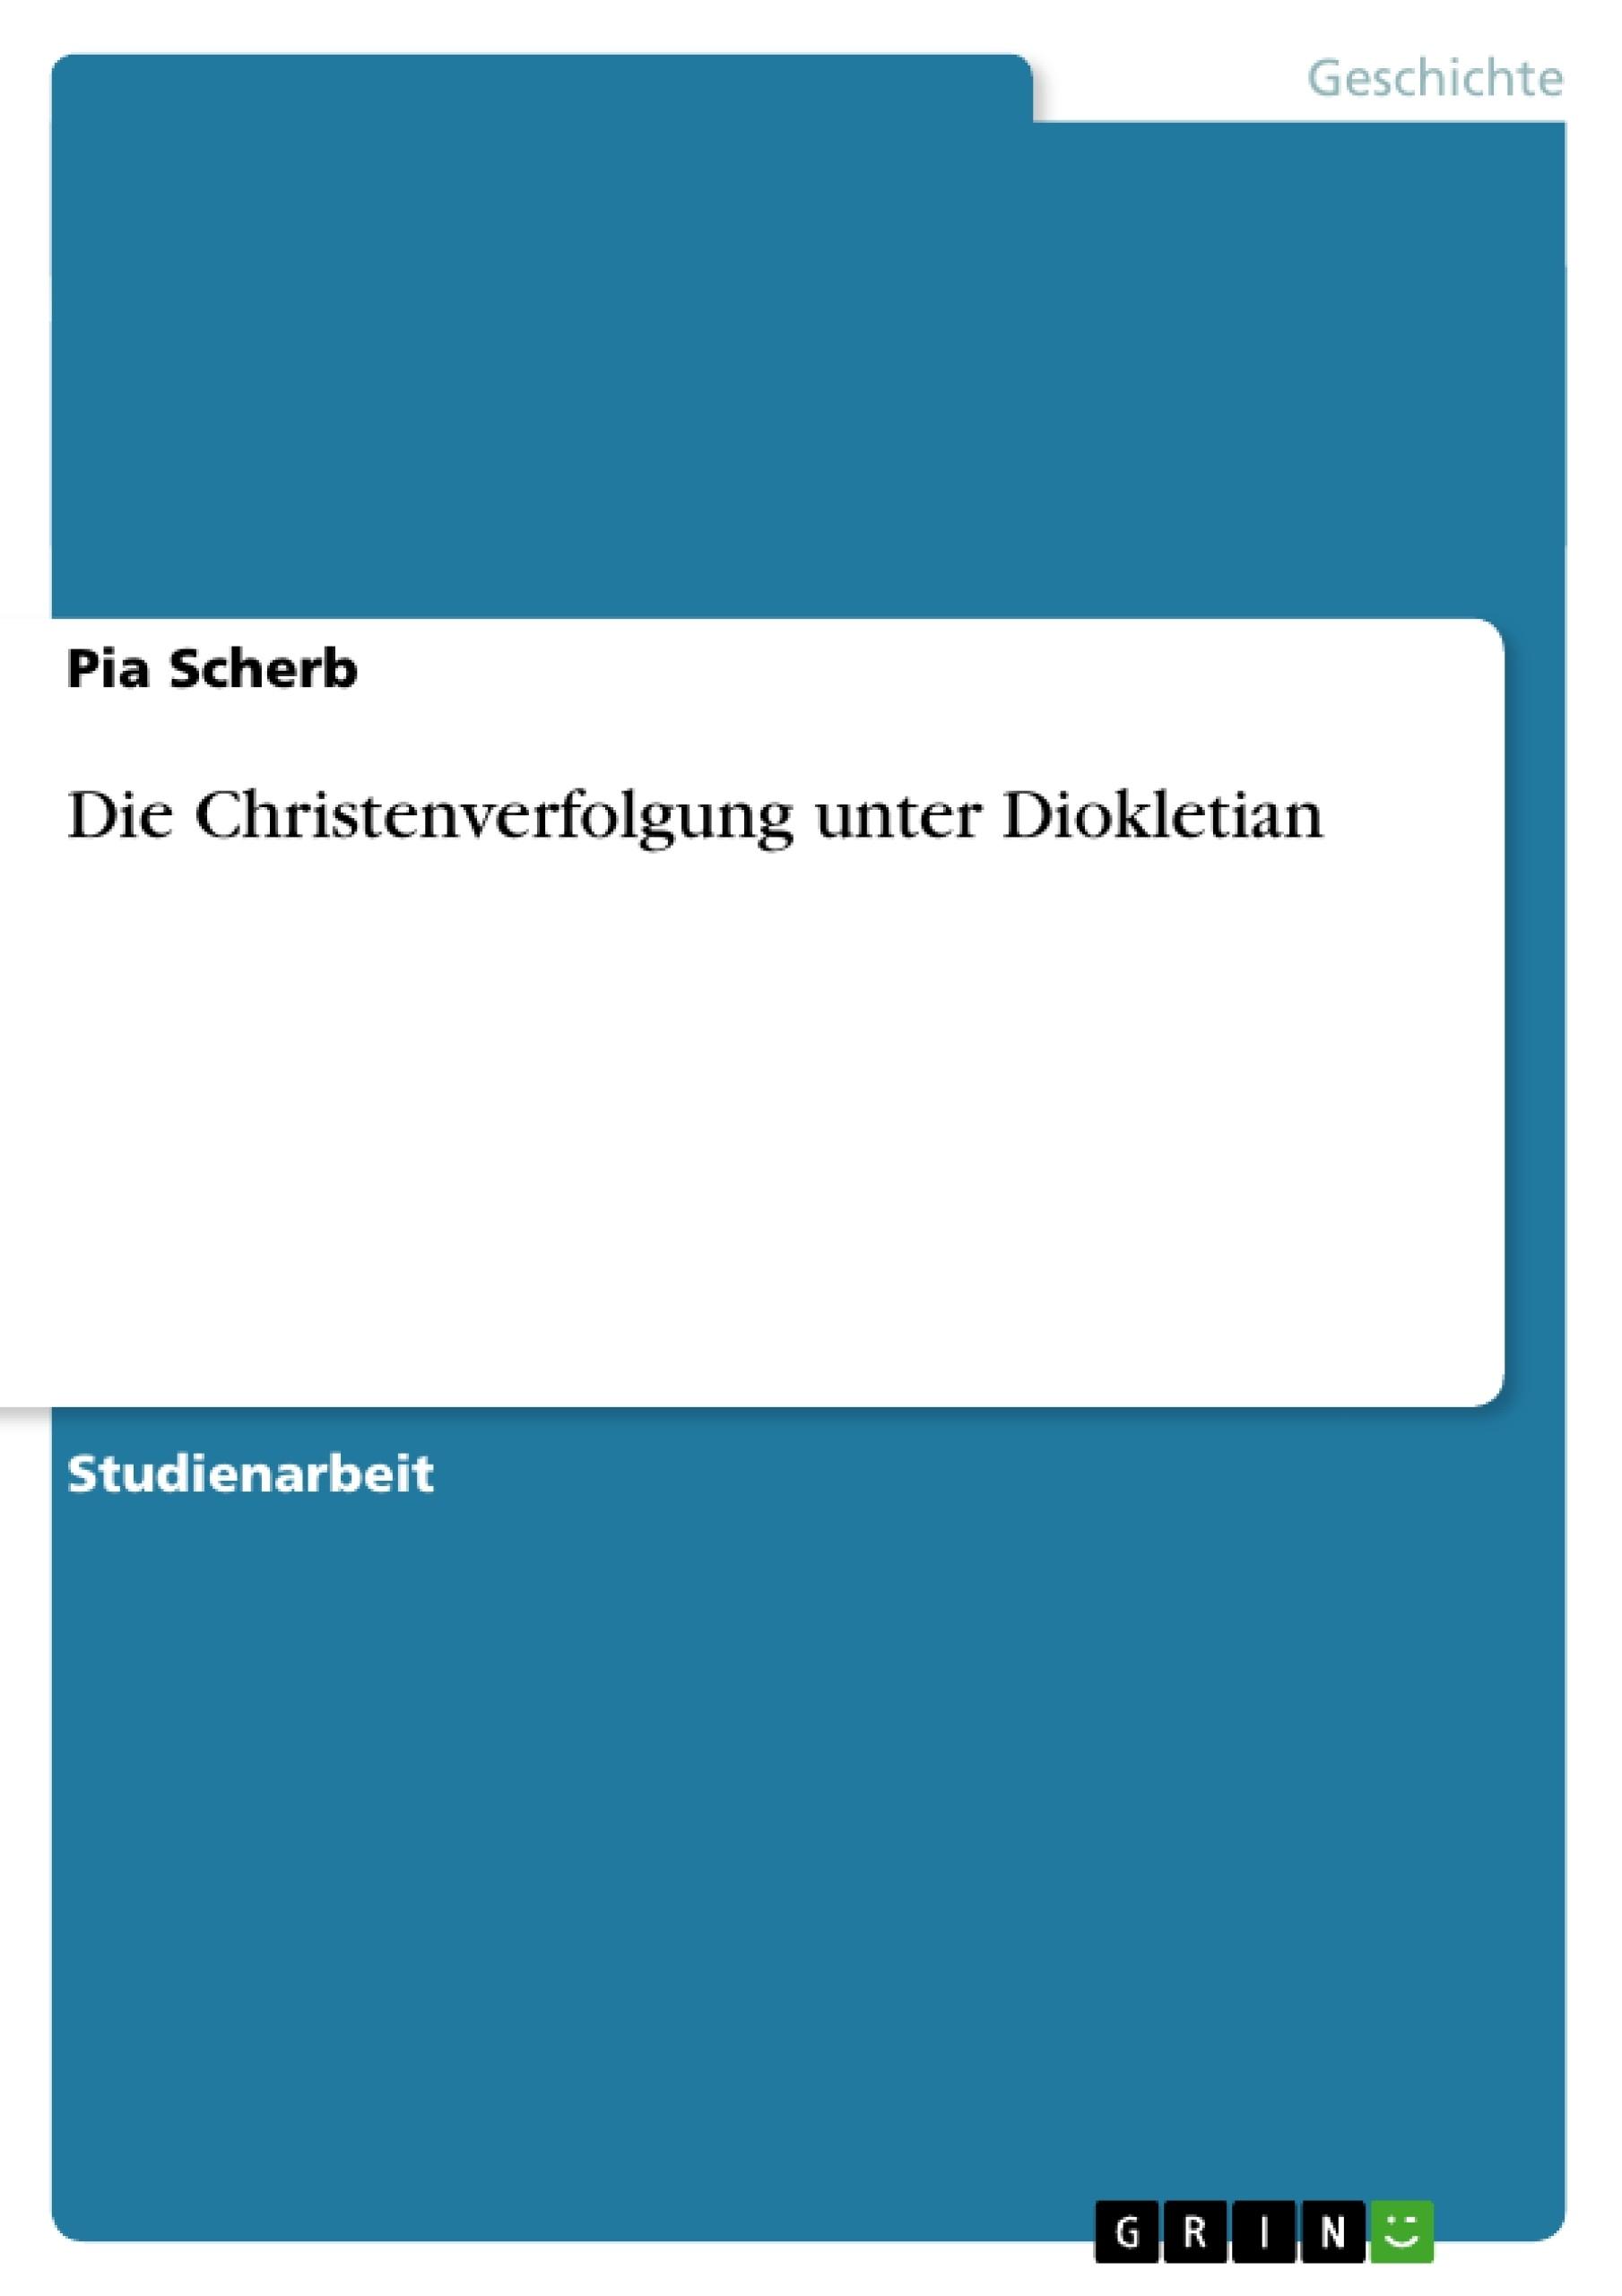 Titel: Die Christenverfolgung unter Diokletian